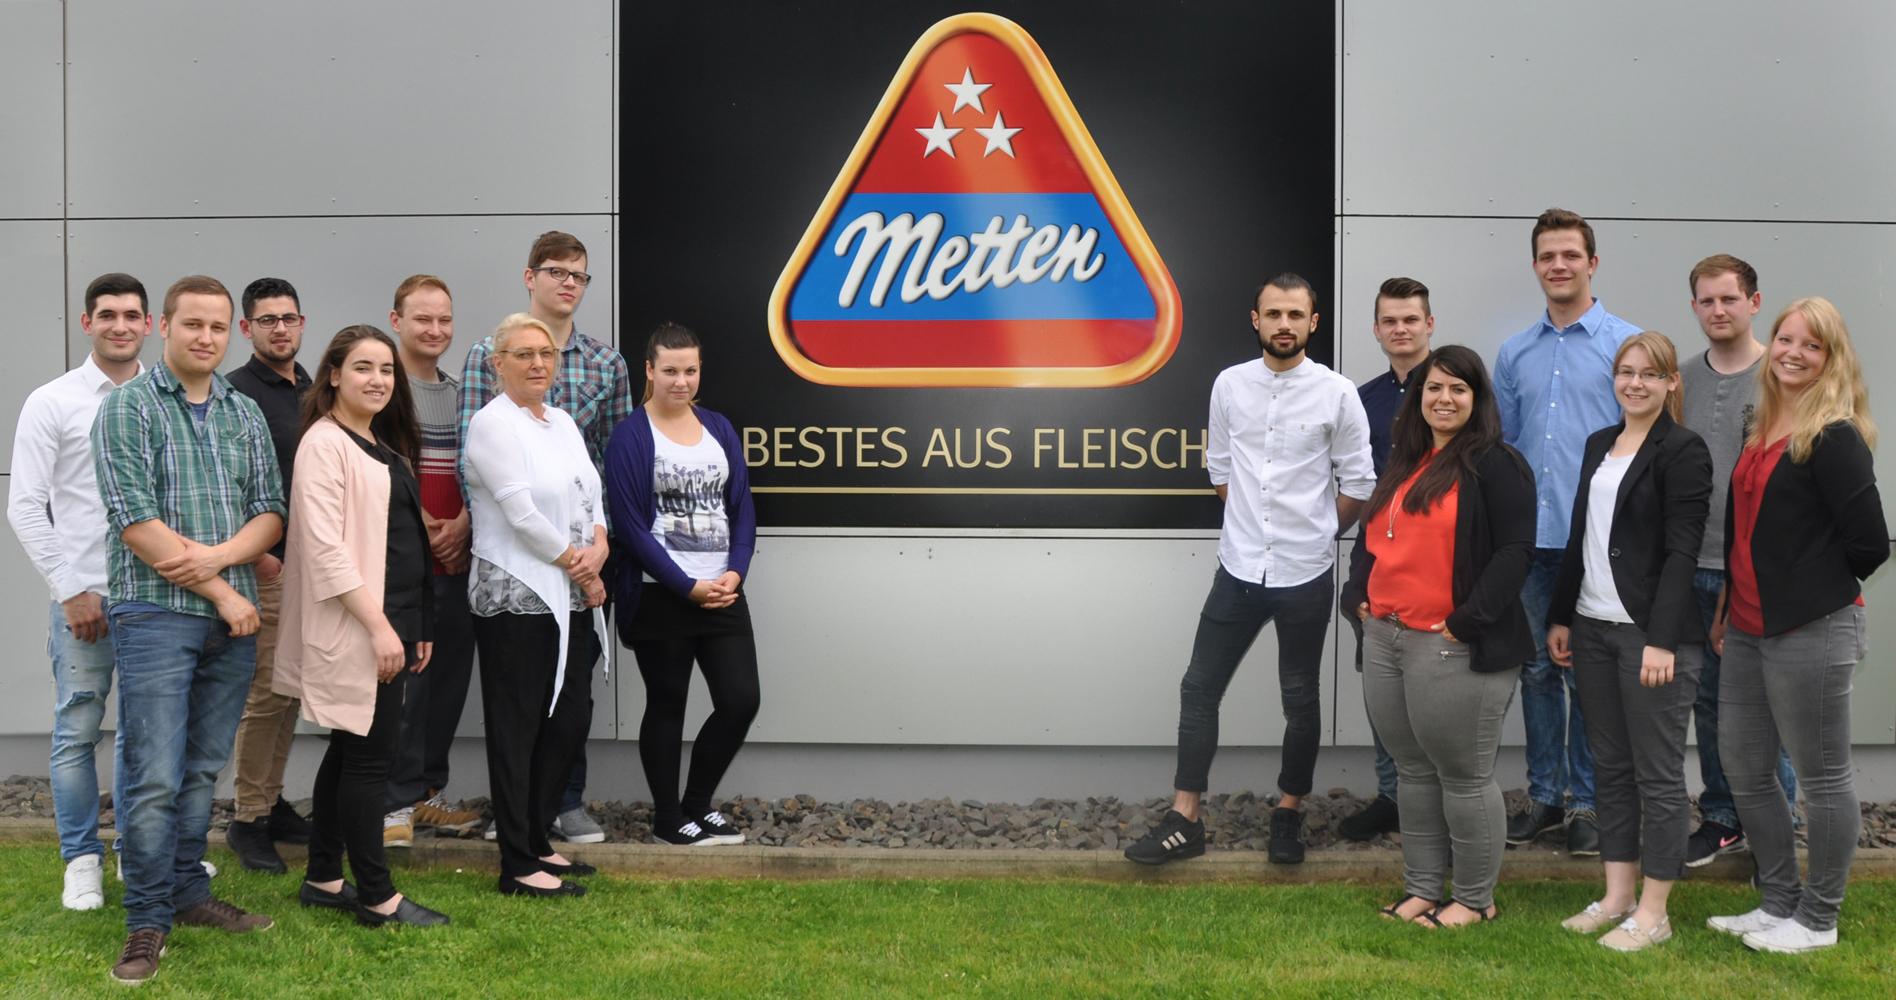 """""""Die Auszubildenden der Metten-Gruppe sind glücklich und stolz über den erfolgreichen Abschluss ihrer Lehre."""" Foto: METTEN"""